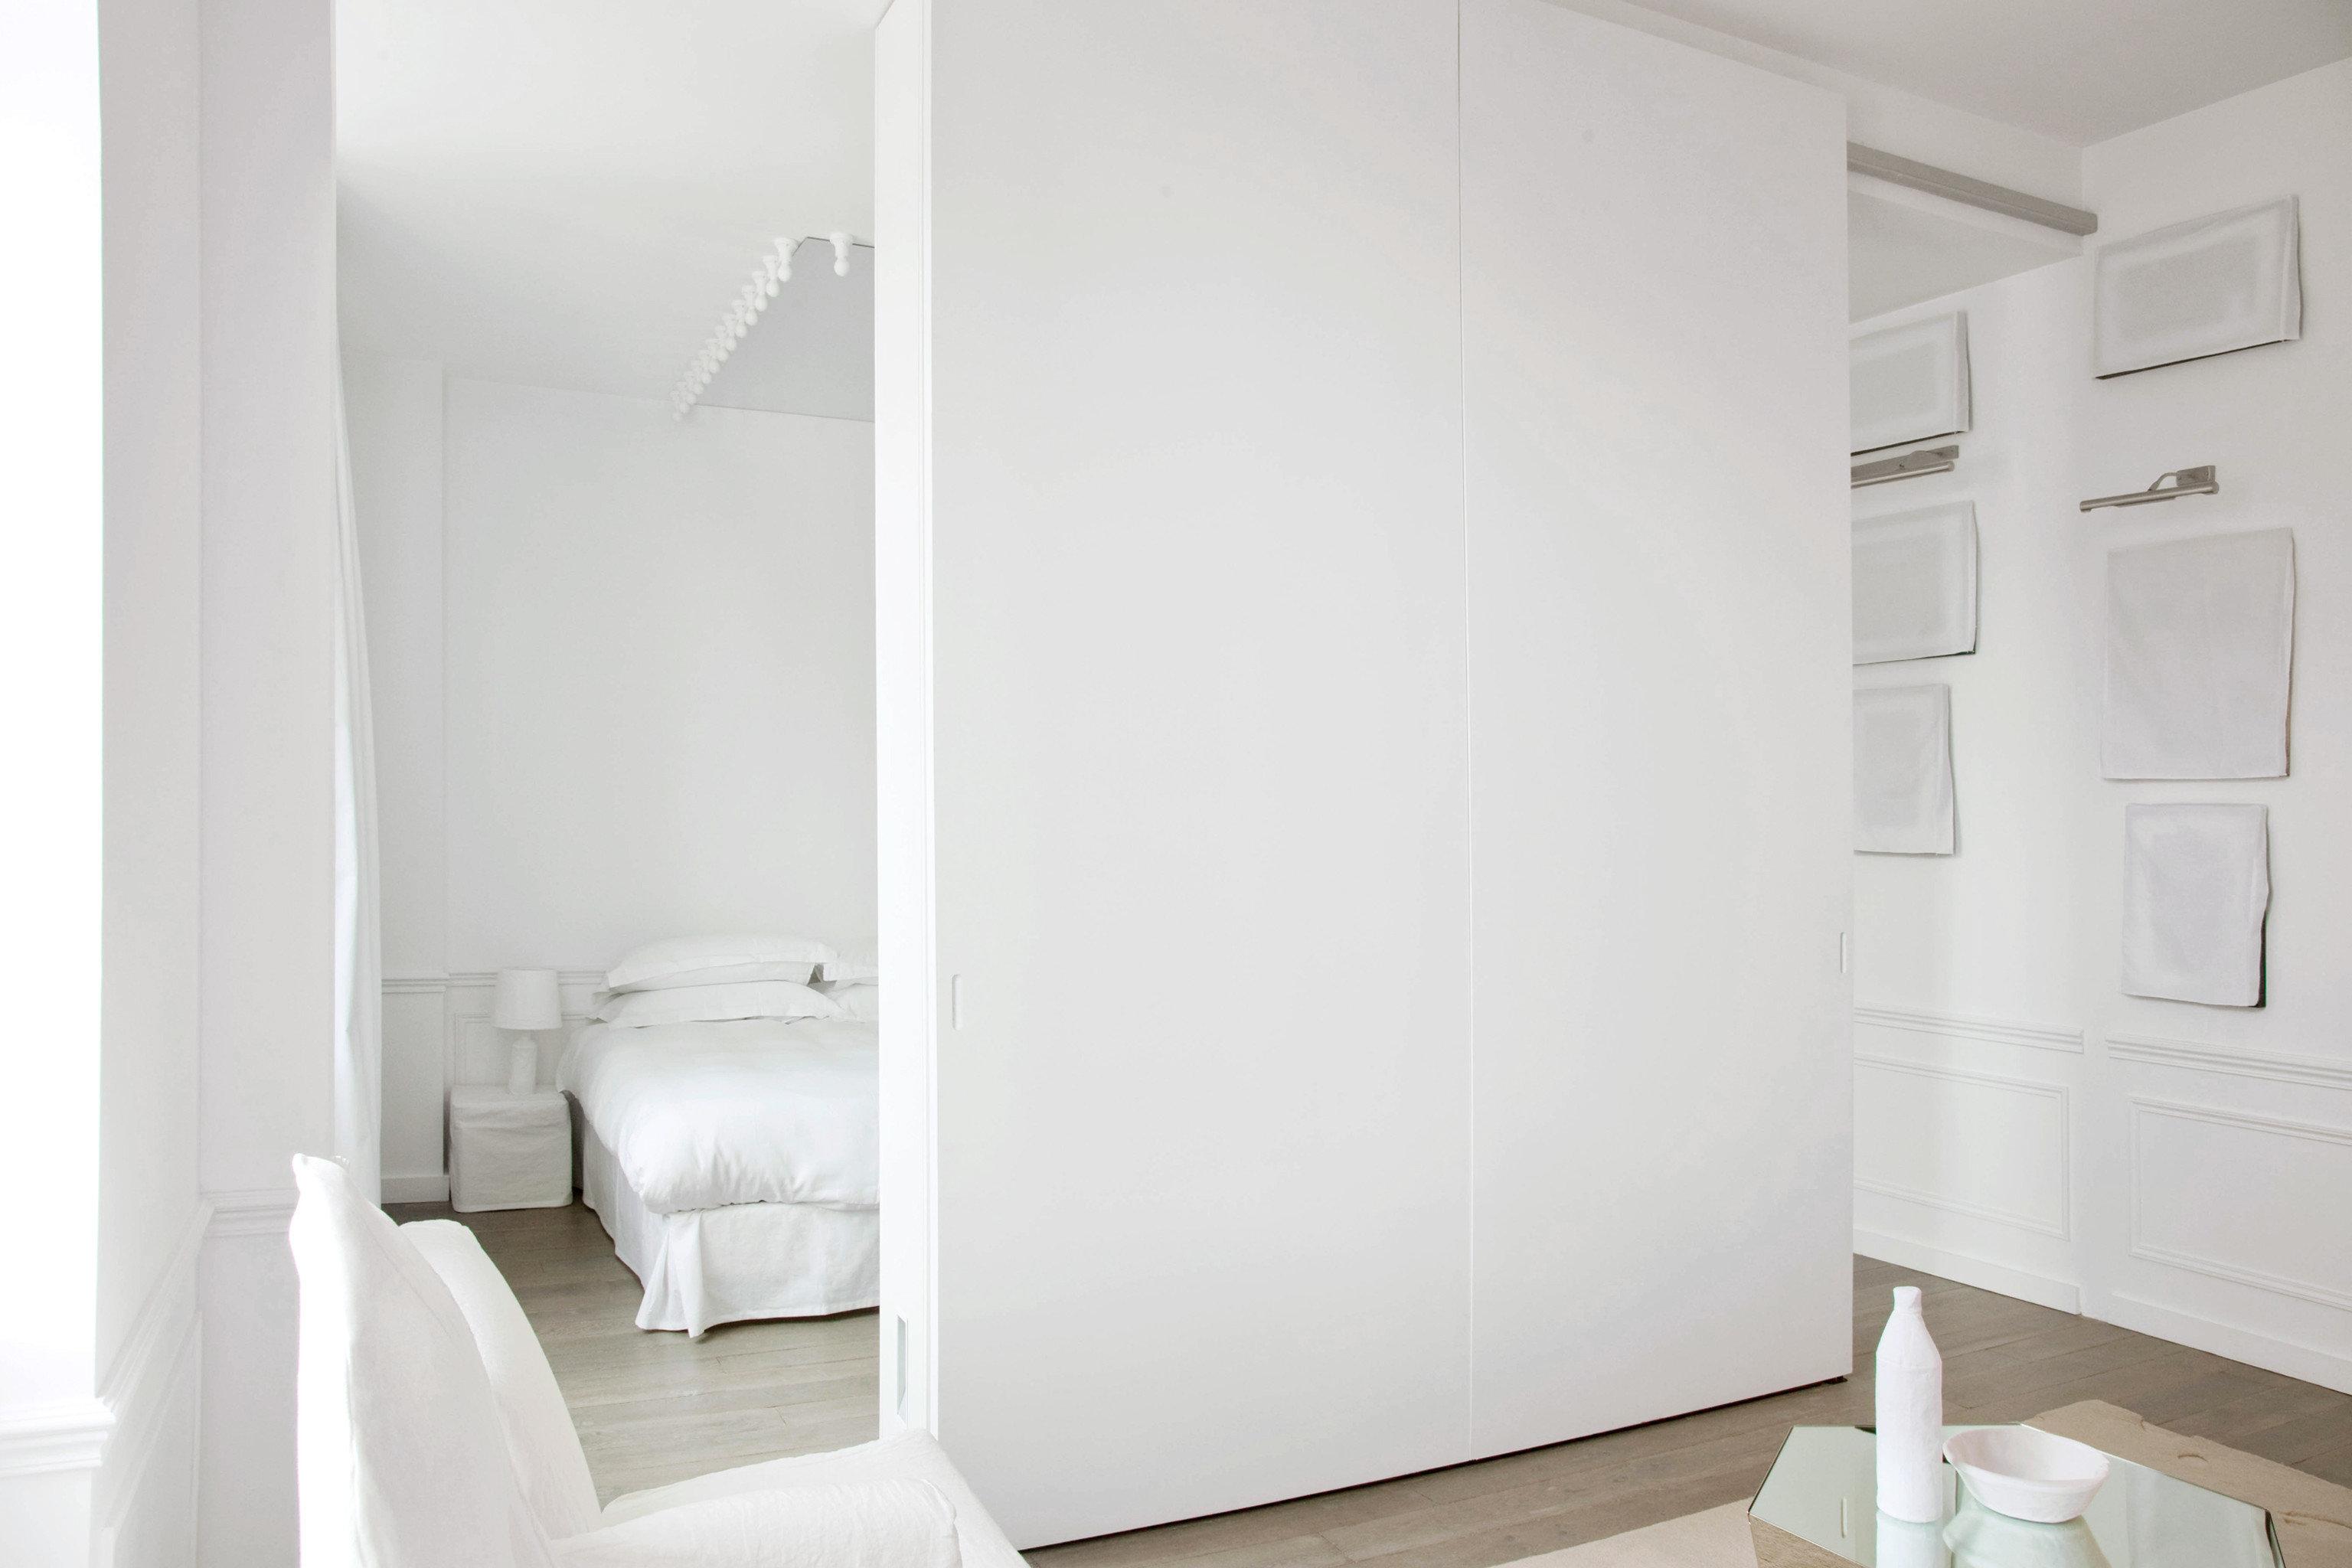 Bedroom Classic Suite white wardrobe bathroom cabinet plumbing fixture bathroom